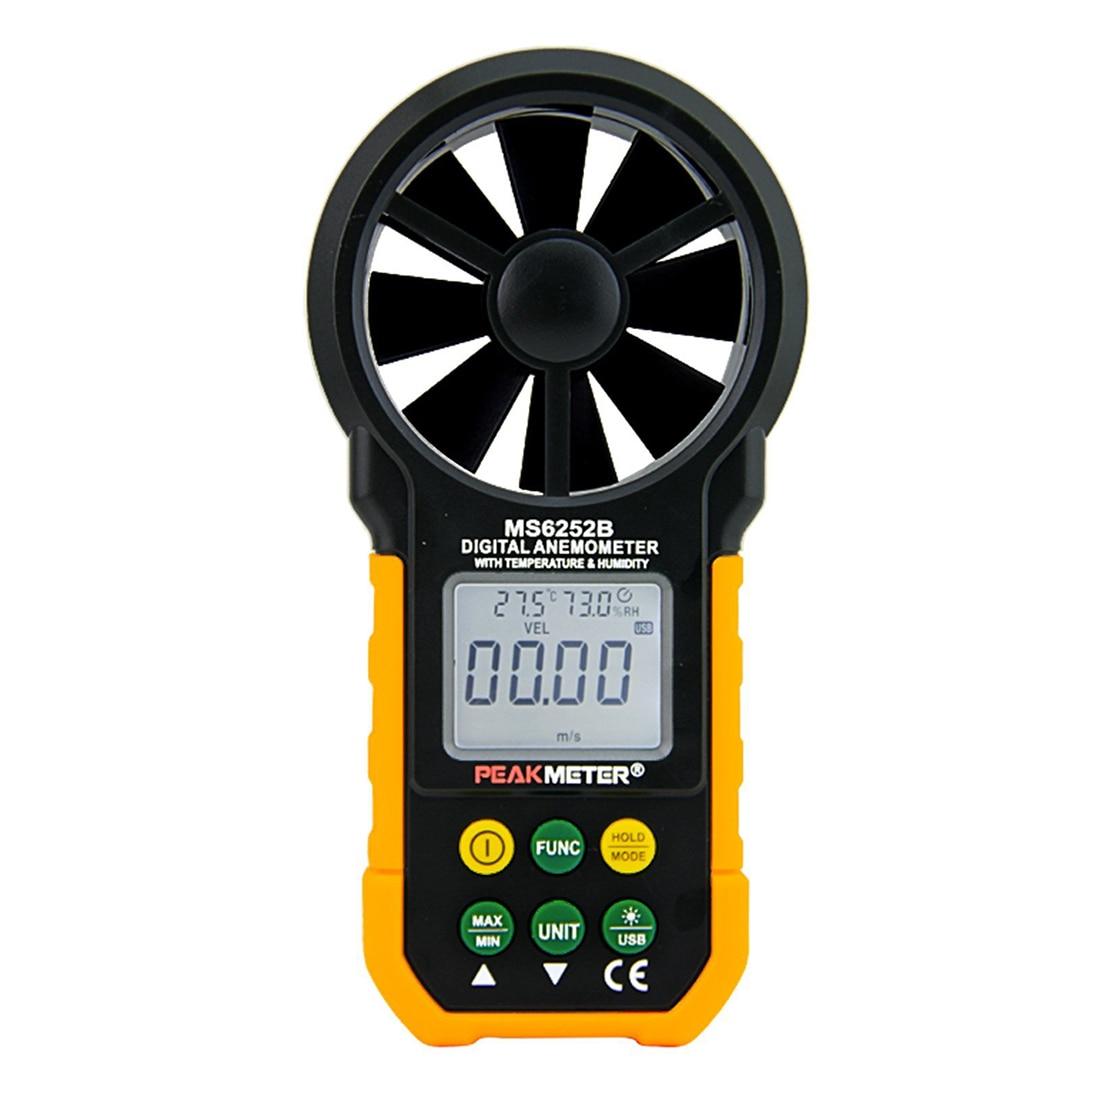 LIXF New PEAKMETER MS6252B USB Digital Anemometer Air Flow Tester Meter lm 81am anemometer meter lutron new lm81am